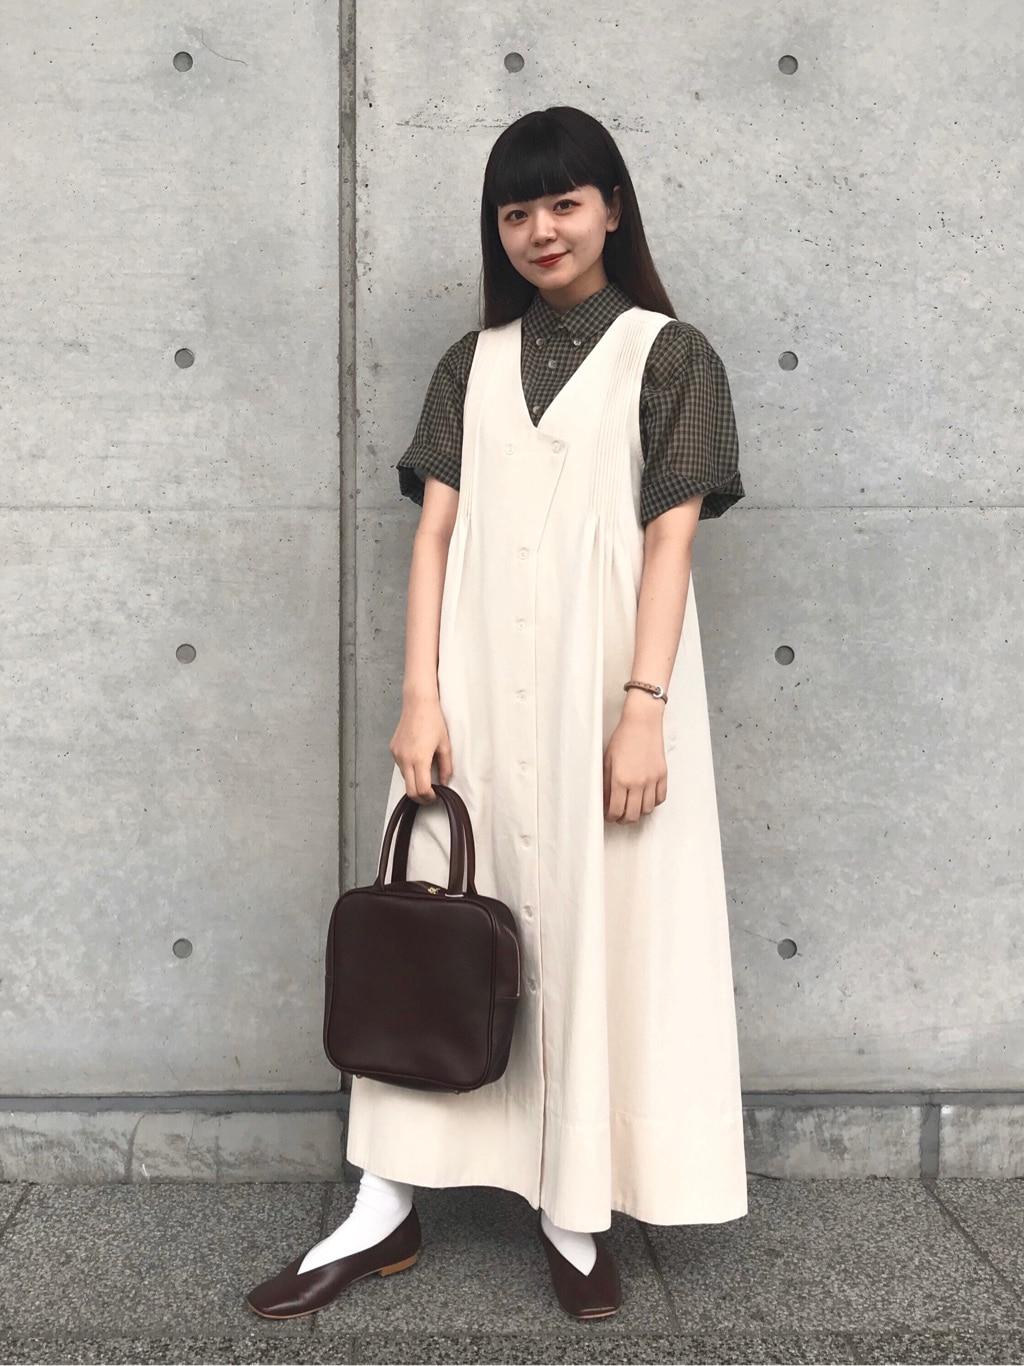 l'atelier du savon 東京スカイツリータウン・ソラマチ 身長:154cm 2020.07.19